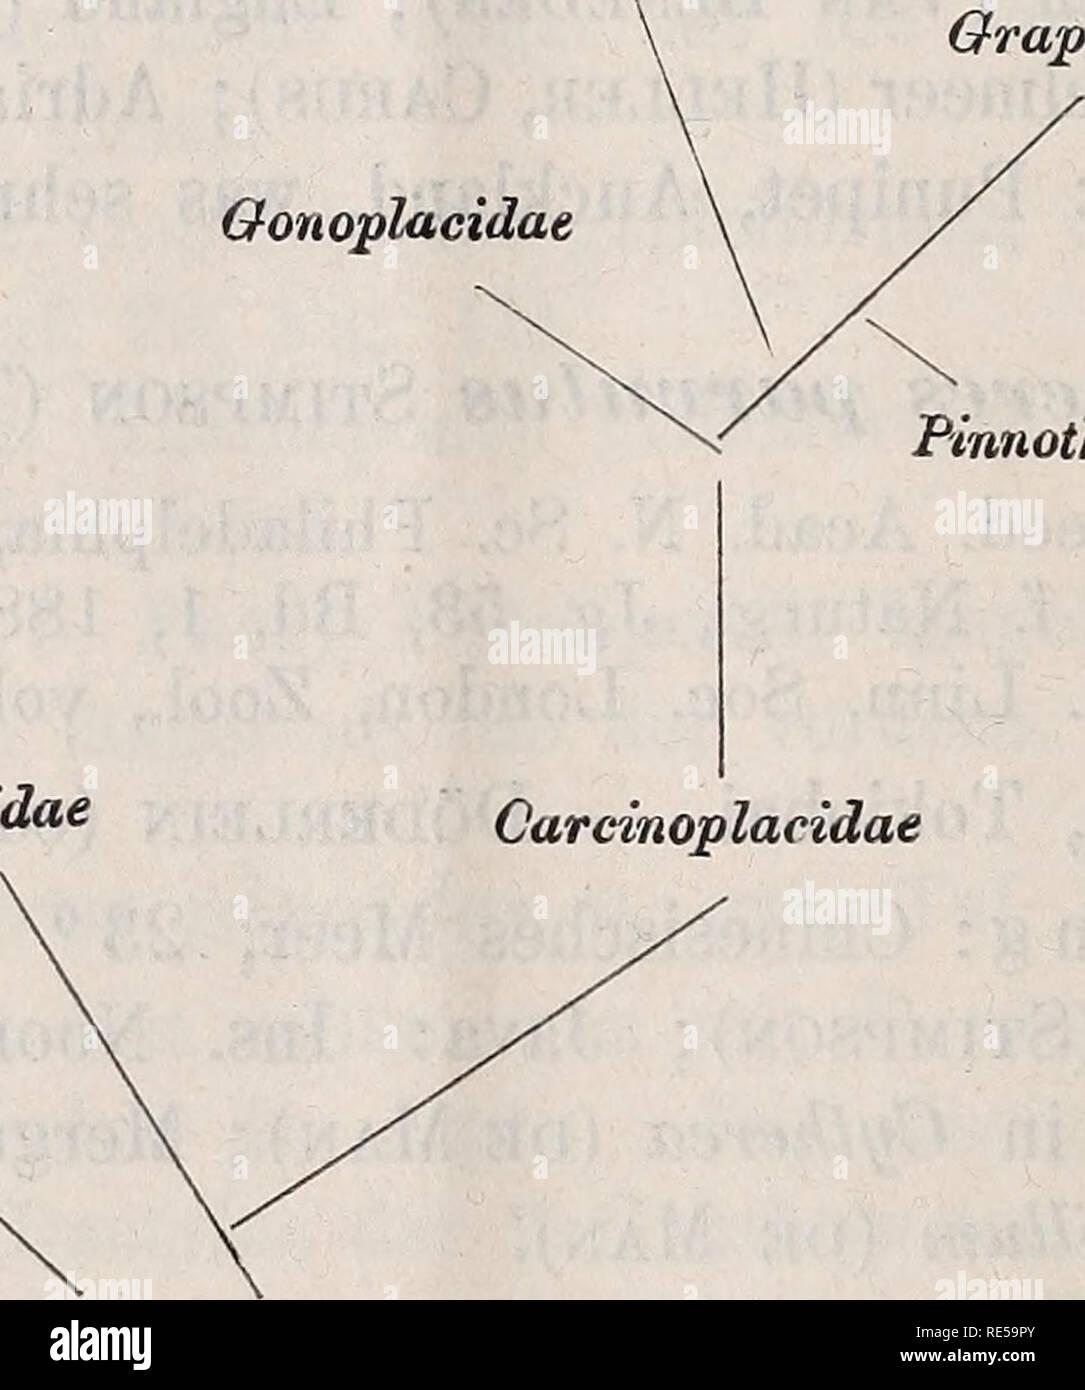 . Crustacea. Zoologische Jahrbücher, 1891-97. 700 A. ORTMANN, Familie: Ocypodidae nov. fam. Cephalothorax viereckig oder gerundet, mehr oder weniger gewölbt, seltener flach. Orbiten quer-verlängert, die äussern Orbitaecken ge- wöhnlich die vordem seitlichen Ecken des Cephalotnorax bildend (selten die Orbiten reducirt). Augenstiel mehr oder weniger ver- längert. Stirn schmaler, meist bedeutend schmaler als die Orbiten. Die Beziehungen der Familien der Catametopen lassen sich durch folgendes Schema ausdrücken Gecarcinidae Ocypodidae Grapsidae Gonoplacidae. Pinnother idae Ozndae Carcinoplacidae X - Stock Image